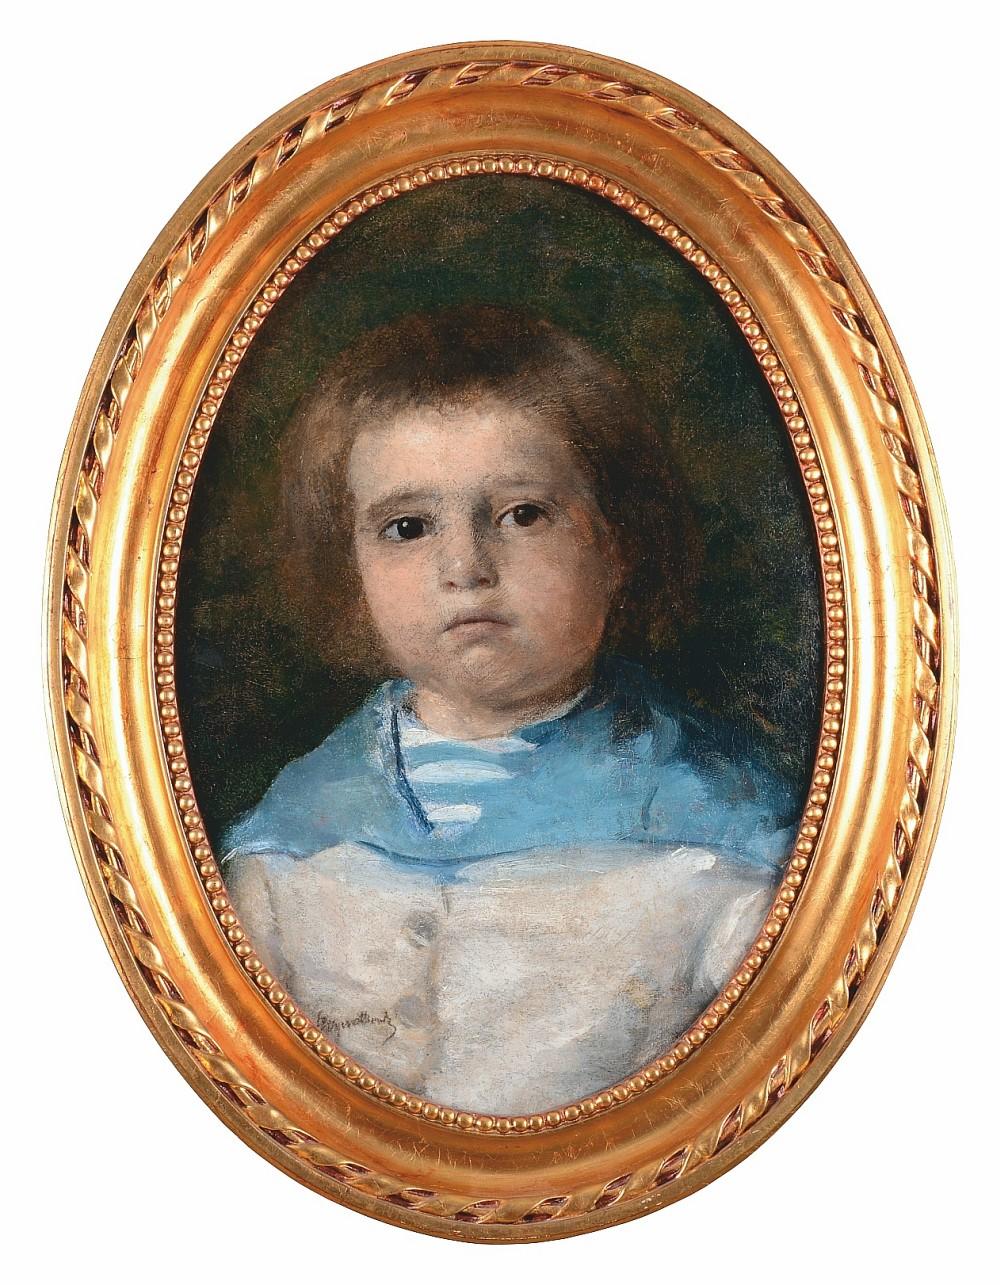 Portret Juliana Dobrzańskiego w wieku dziecięcym, 1879-1880